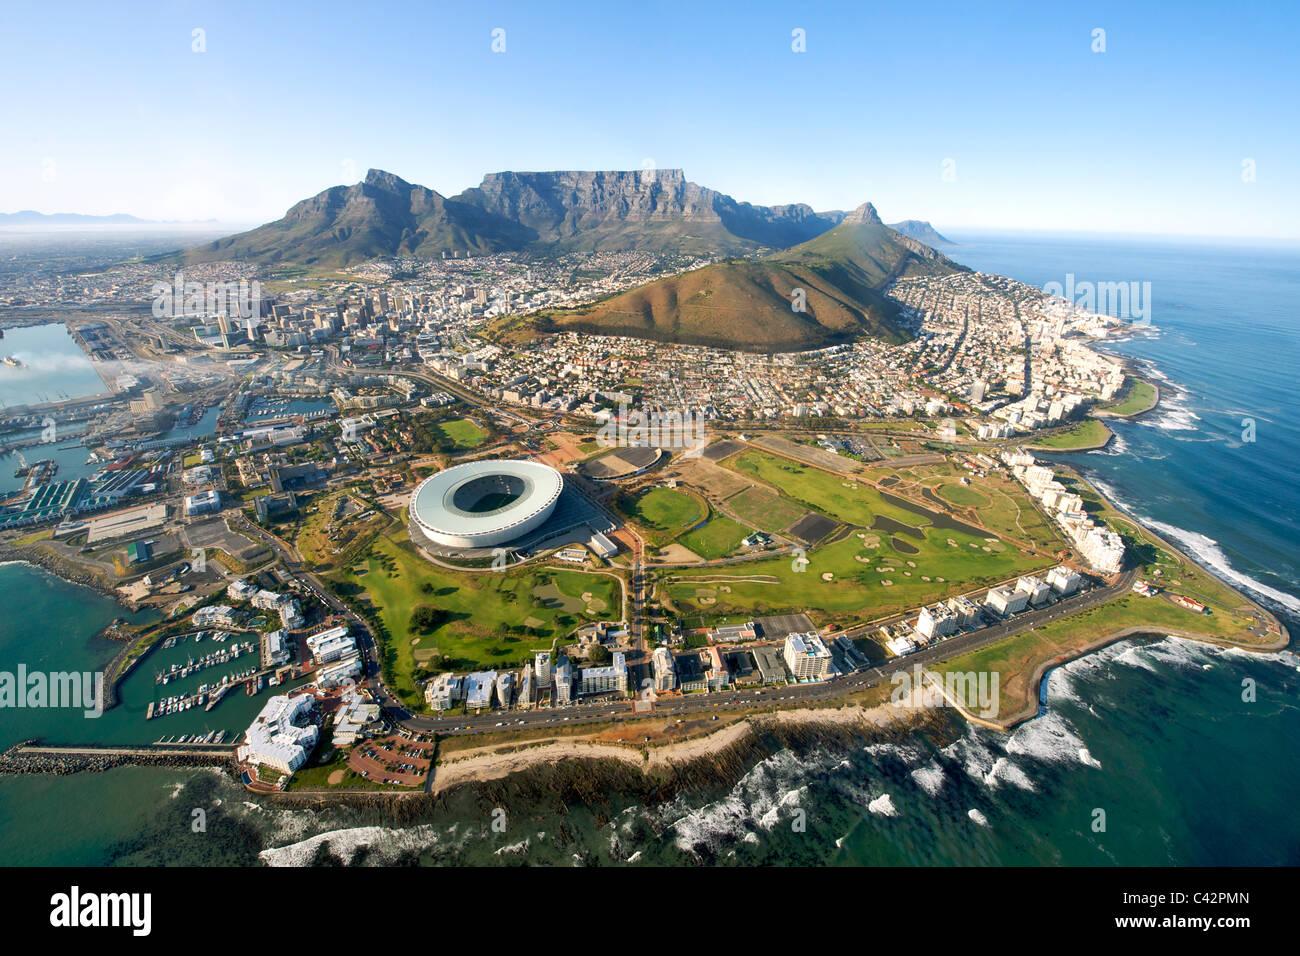 Luftbild von der City of Cape Town, Südafrika. Stockbild